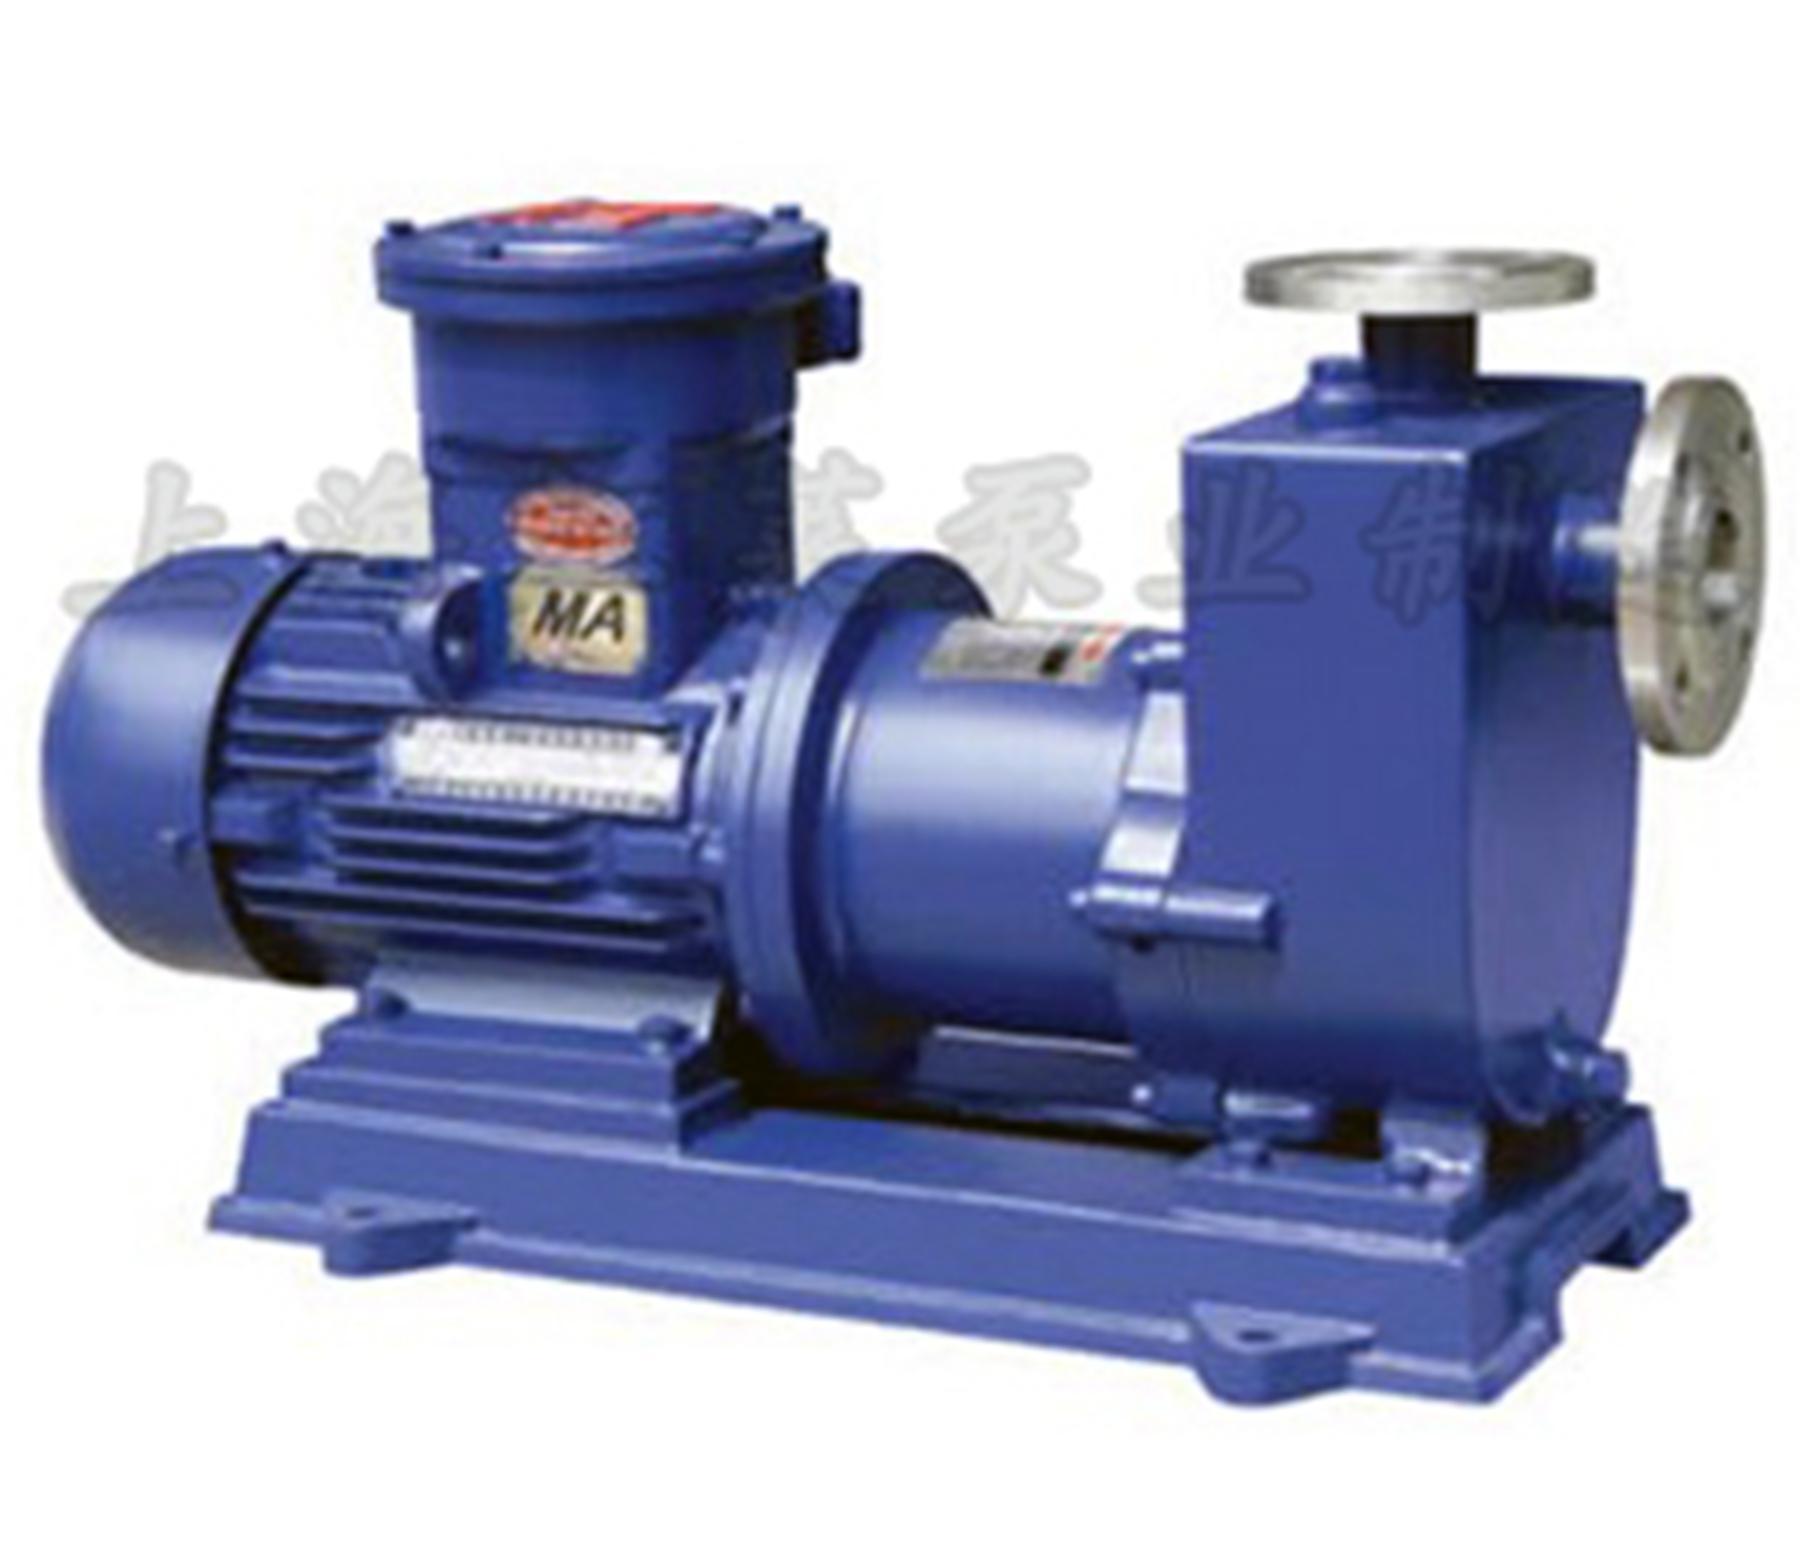 Pompes Melt Pompe de haute qualité Pompes d'extrusion de caoutchouc de haute qualité Pompe à fusion de la pompe à chaud